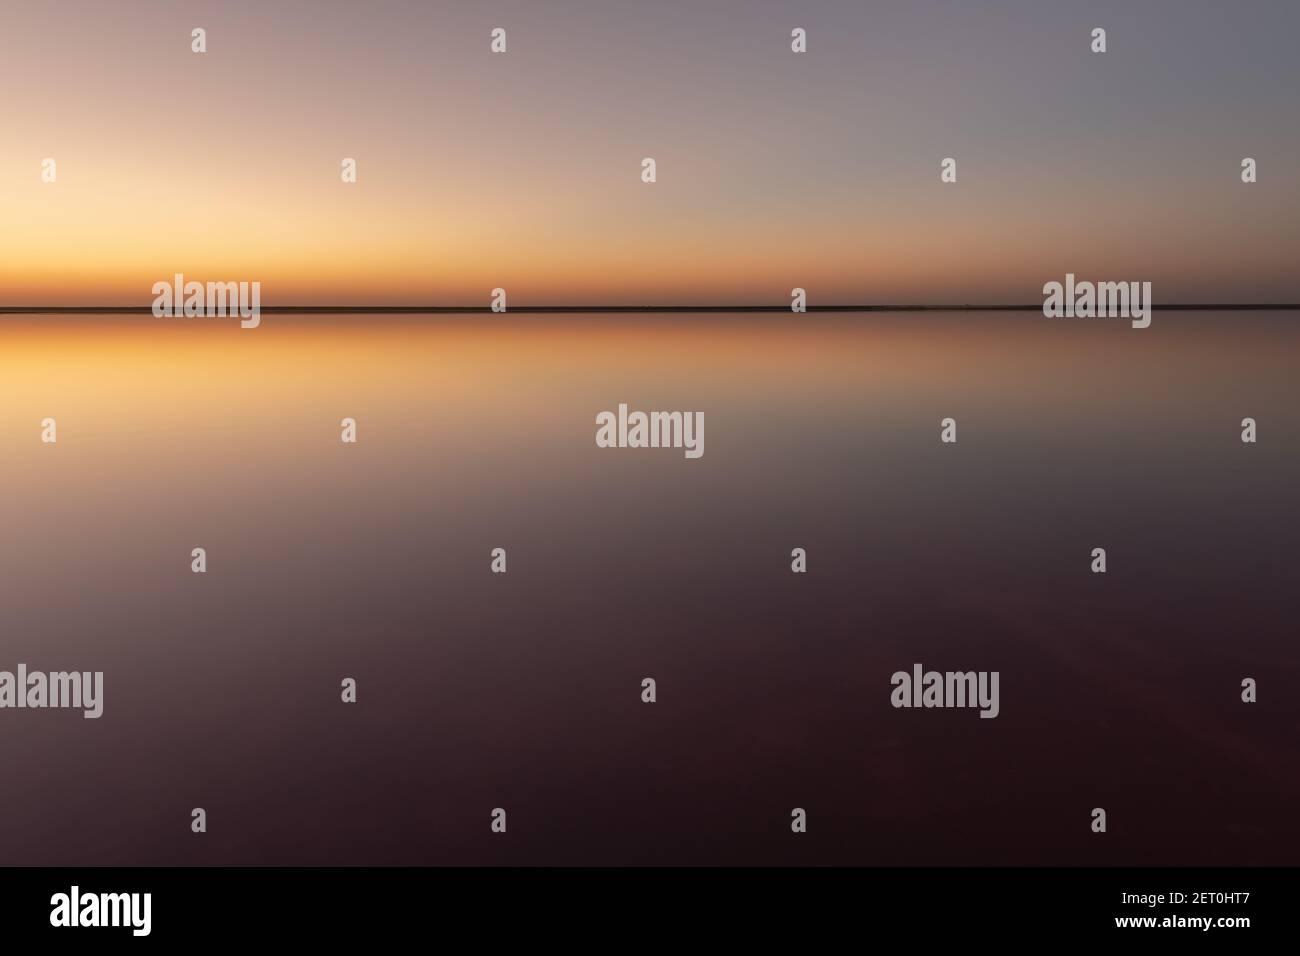 Paysage minimaliste tranquille avec surface lisse du lac salé rose avec eau calme avec horizon avec ciel clair au coucher du soleil. Simple beau naturel calme fond Banque D'Images